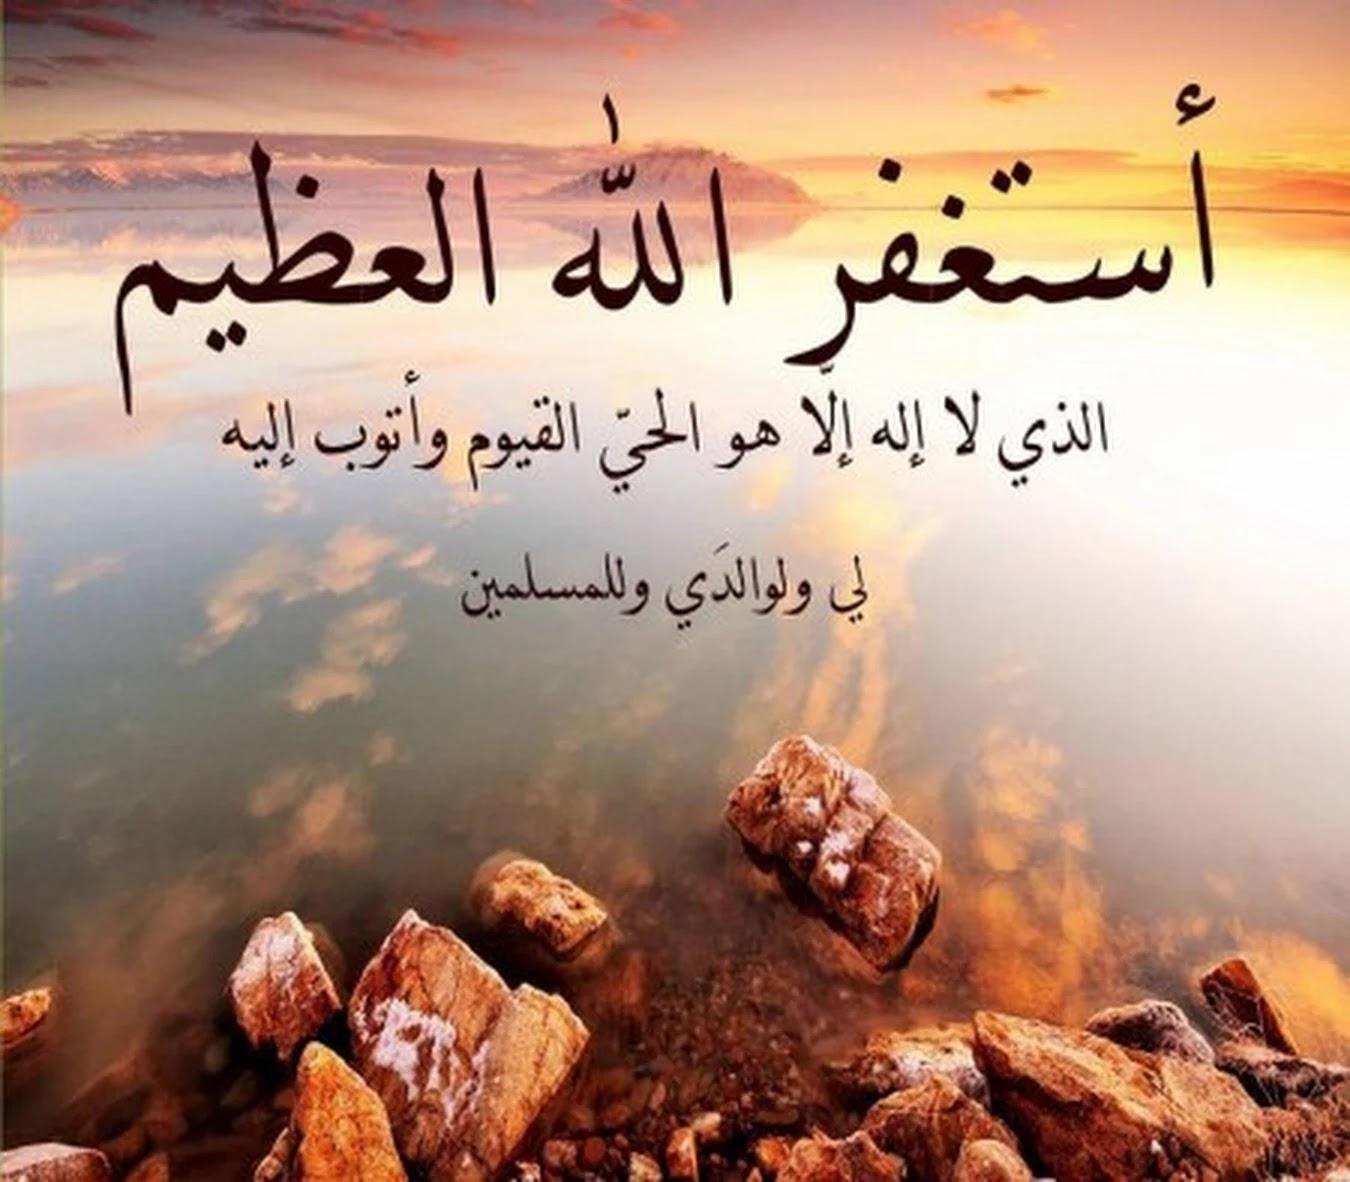 بالصور اجمل الصور والعبارات الدينية , ادعيه و ثناء لله تعالى 1303 12